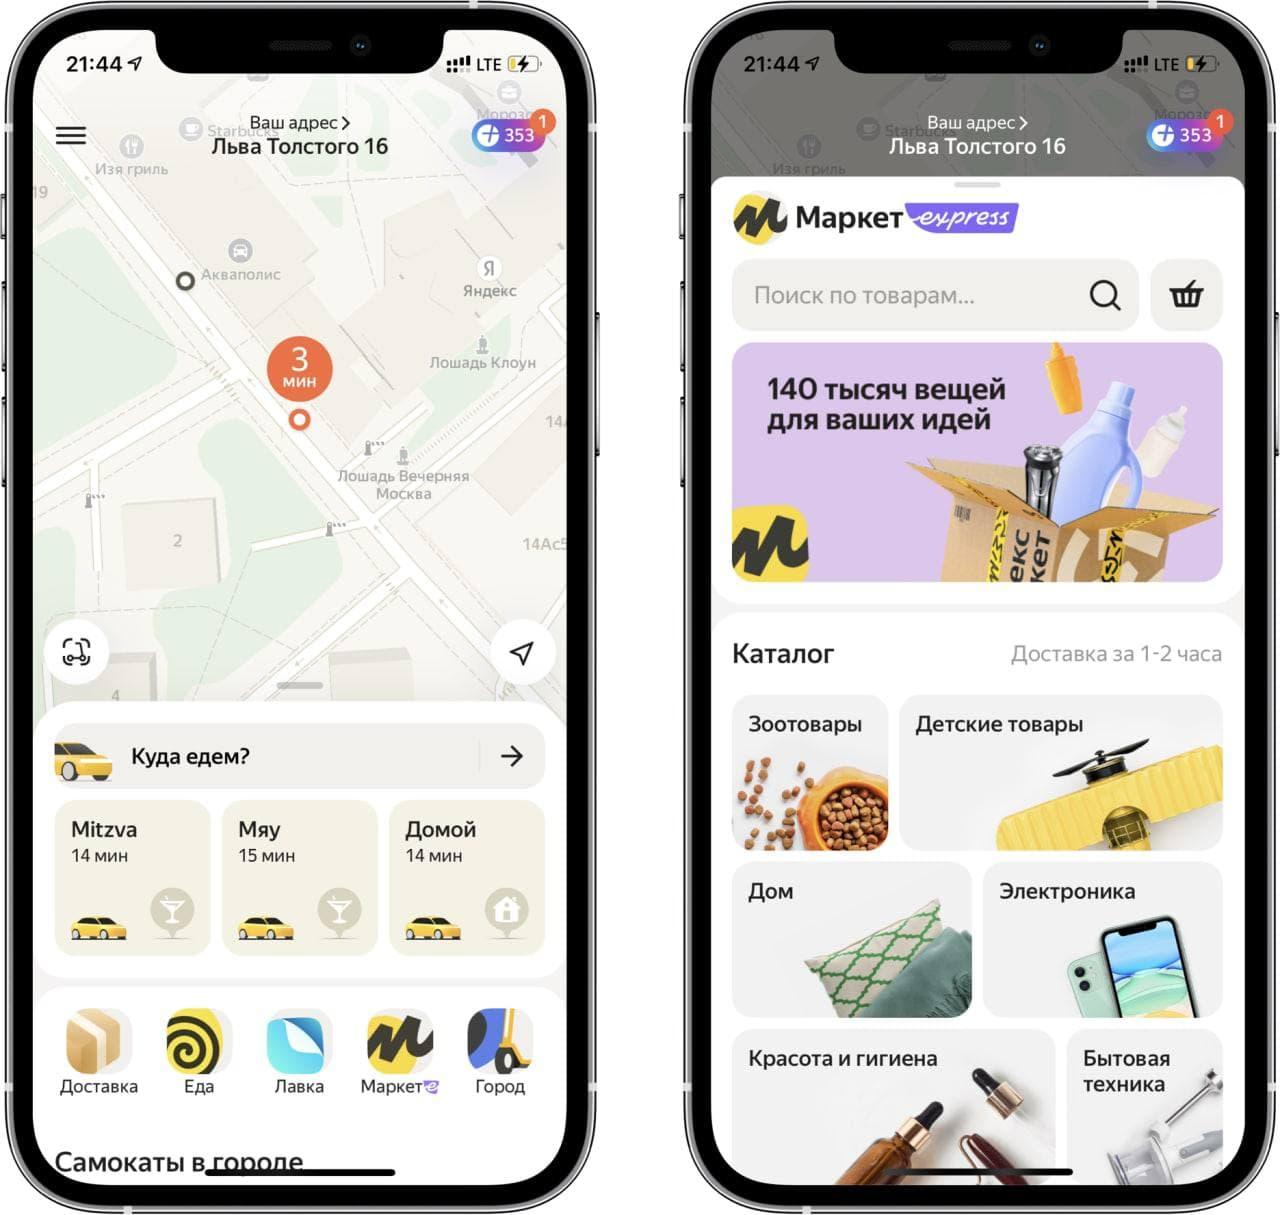 Через Яндекс Go можно заказывать товары на «Яндекс.Маркете» с экспресс-доставкой